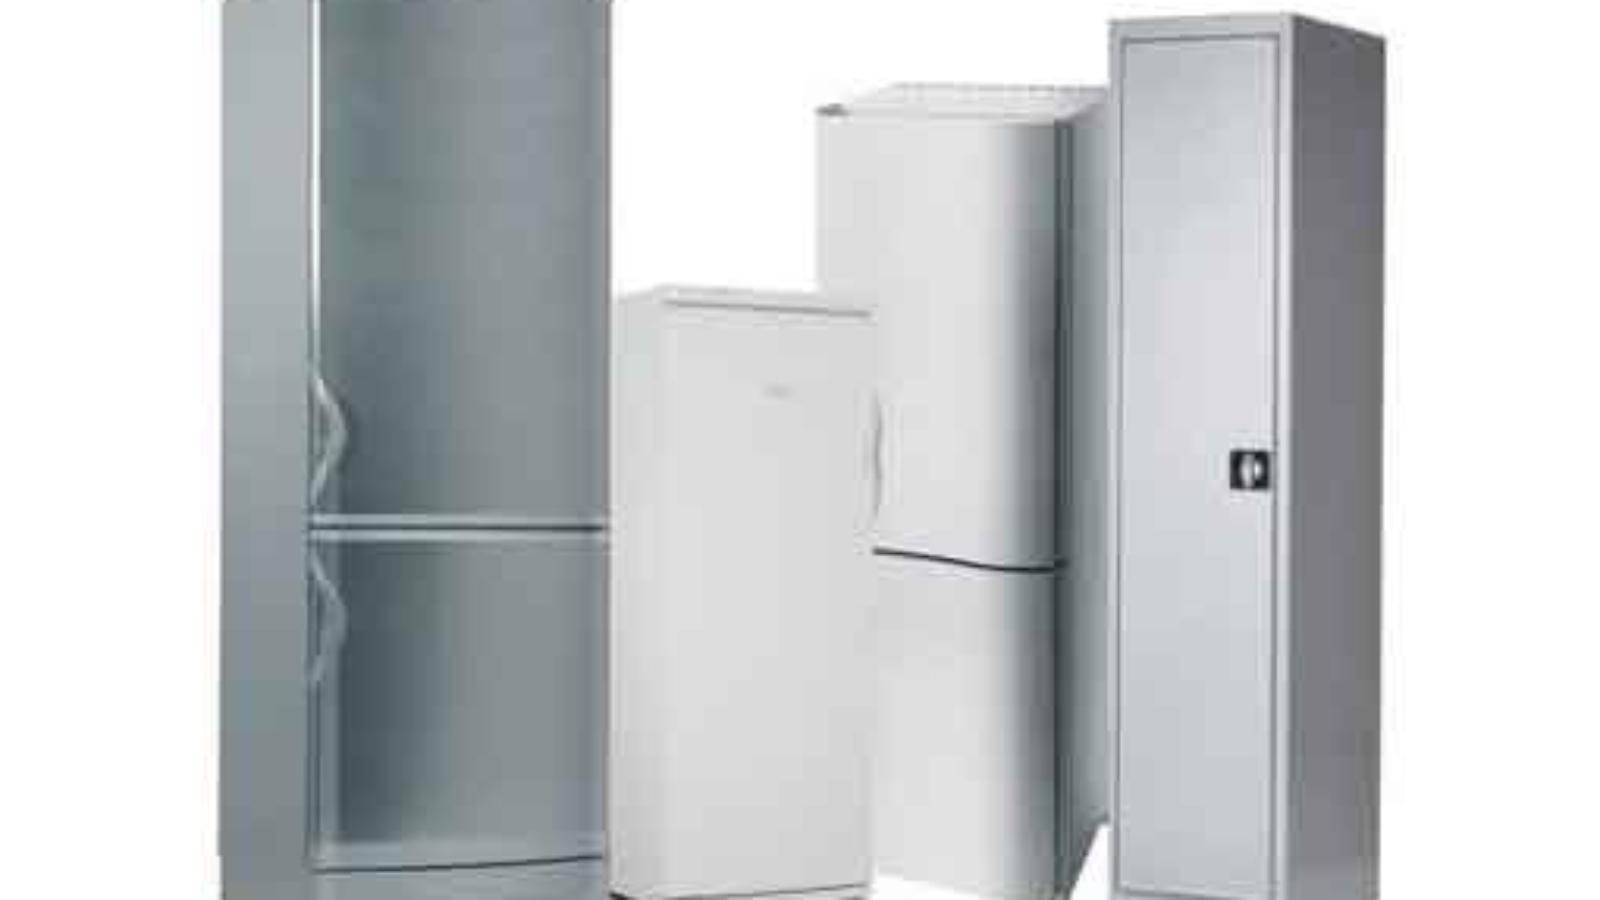 Repair of refrigerators 2